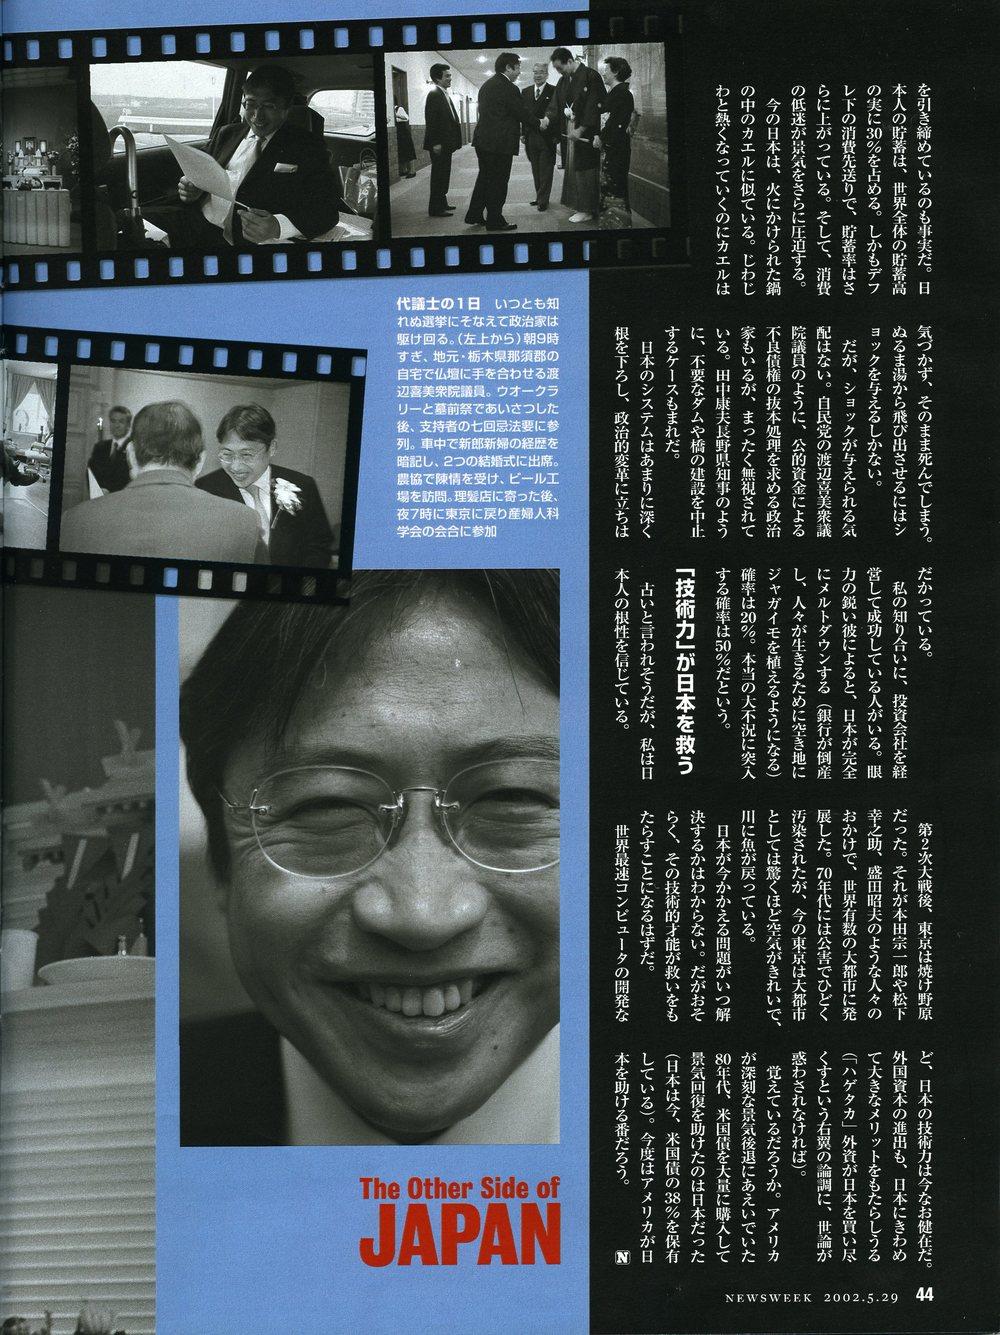 05292002_NEWSWEEK_JAPAN_7.jpg